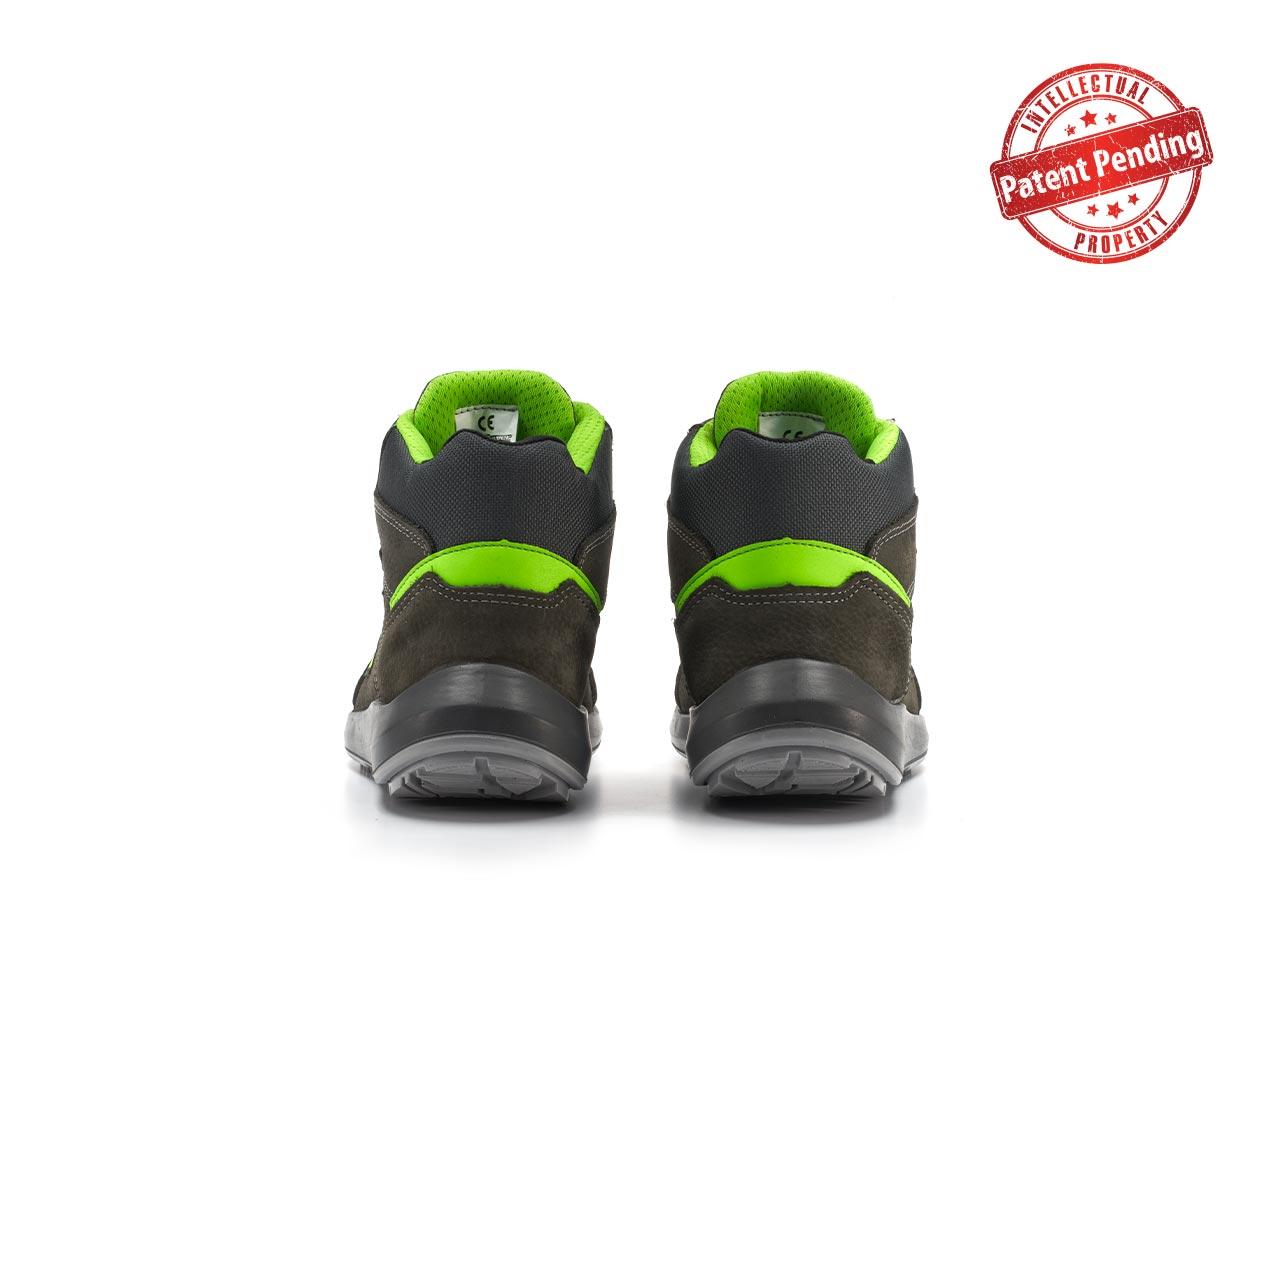 paio di scarpe antinfortunistiche alte upower modello aries linea redup vista retro